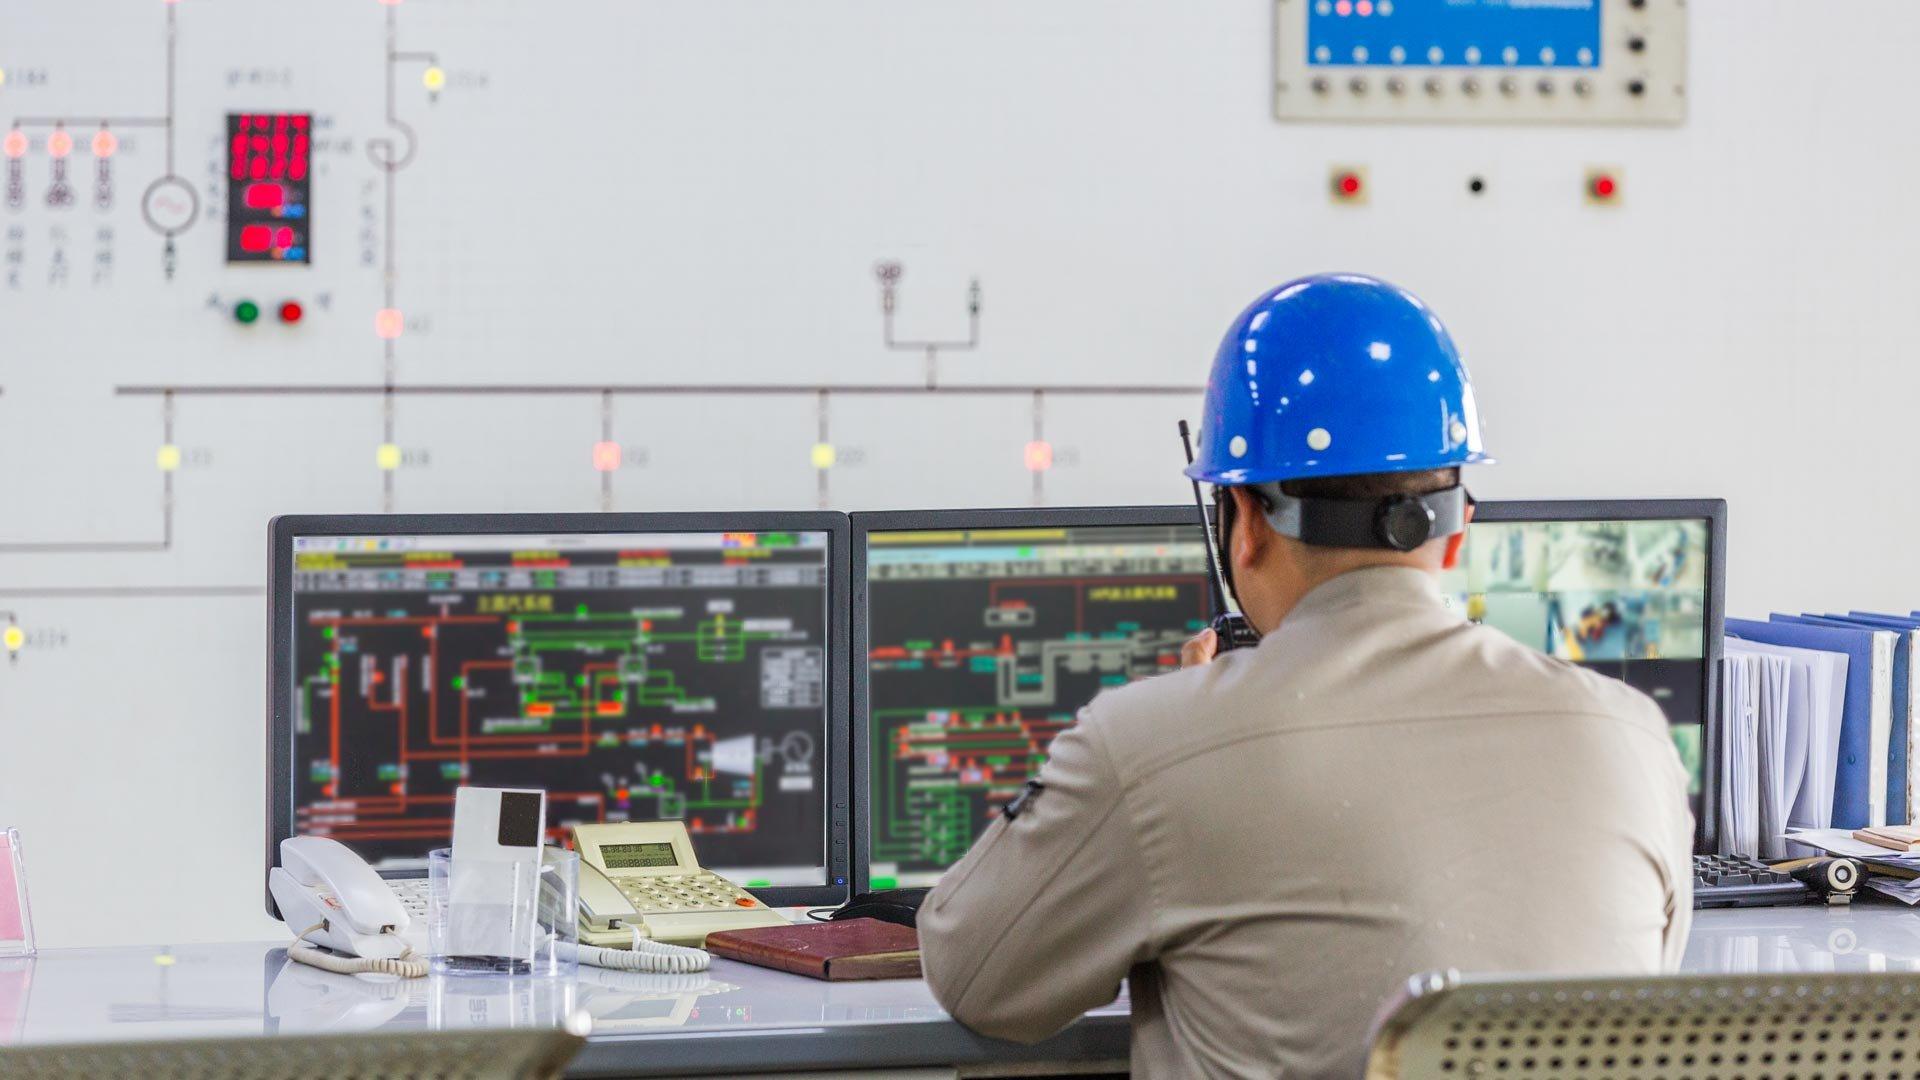 Industria 4.0: come prevenire i malfunzionamenti con le analisi predittive